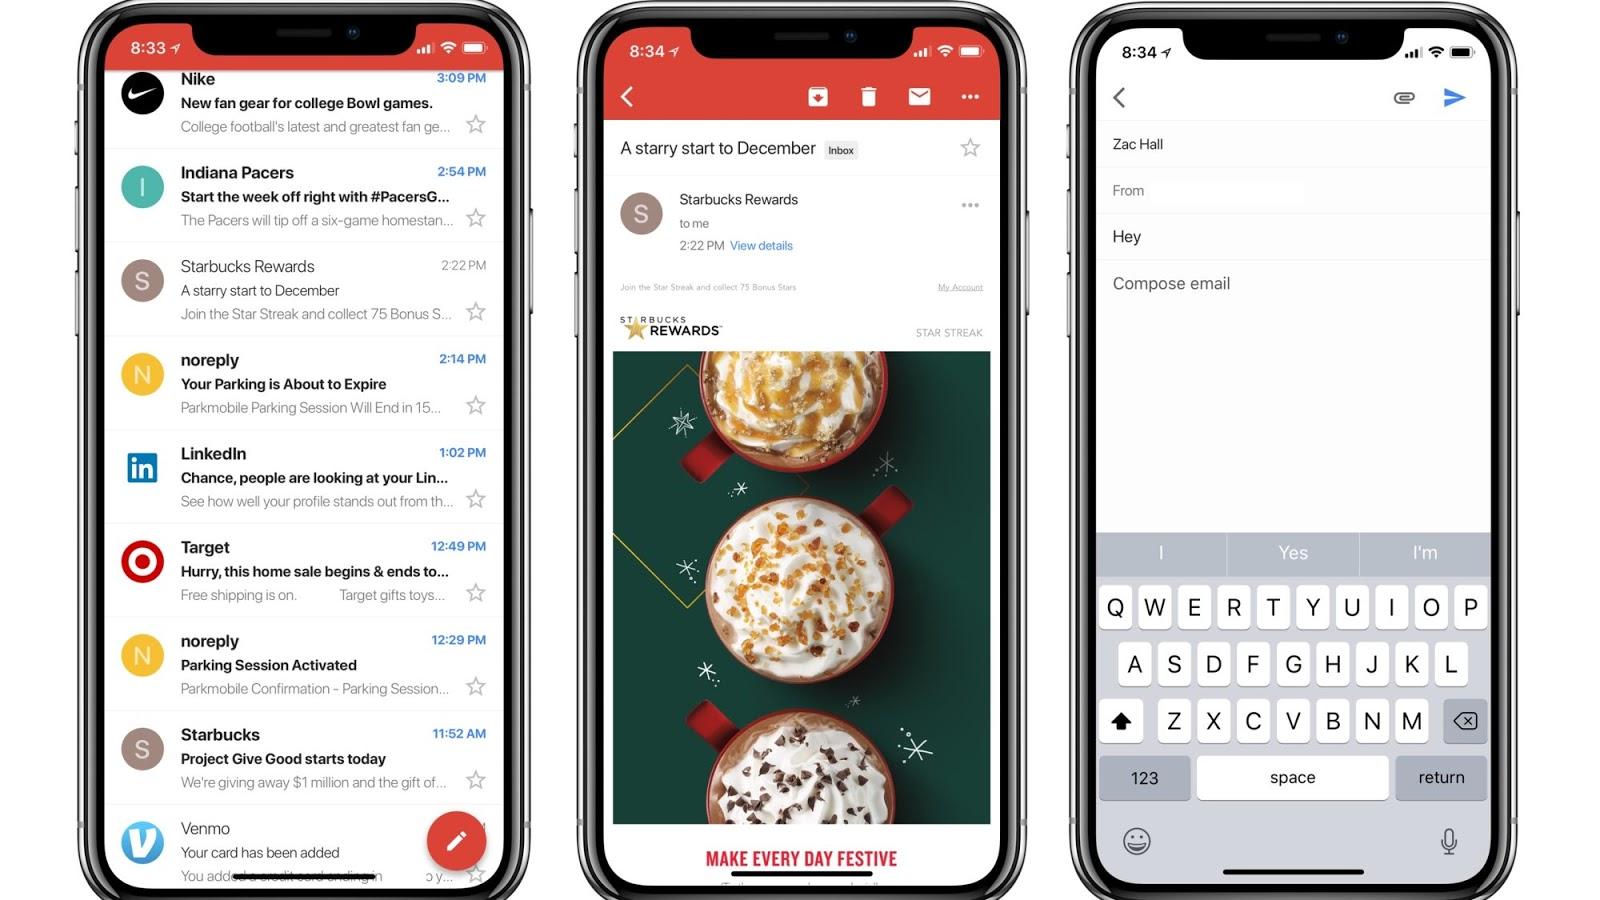 nouvelle version gmail 2017